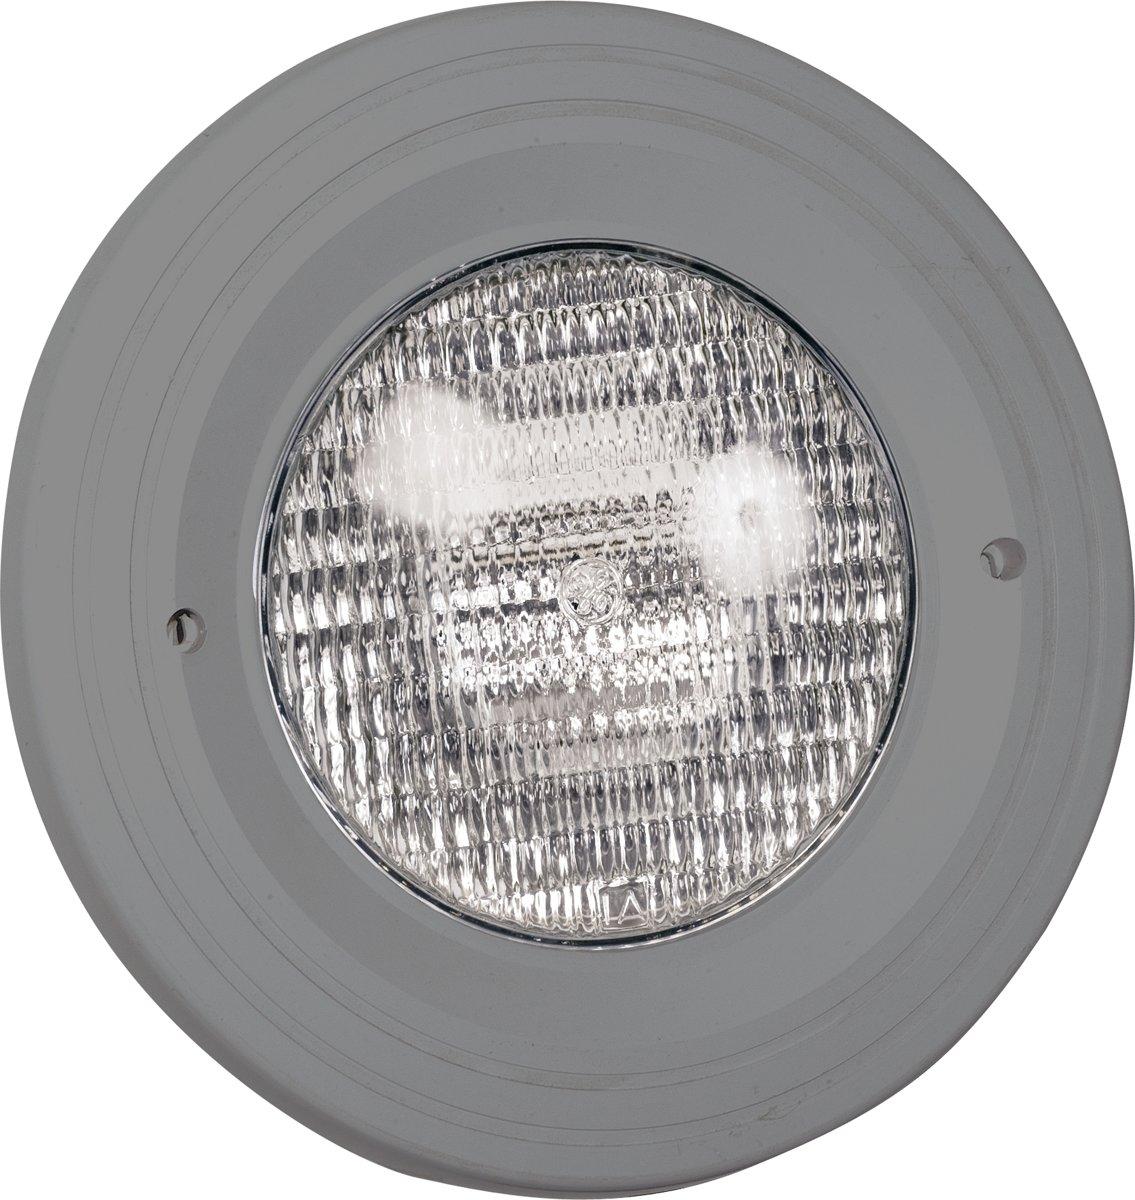 Zwembadlamp 300W + inbouwset Aquareva antraciet grijs